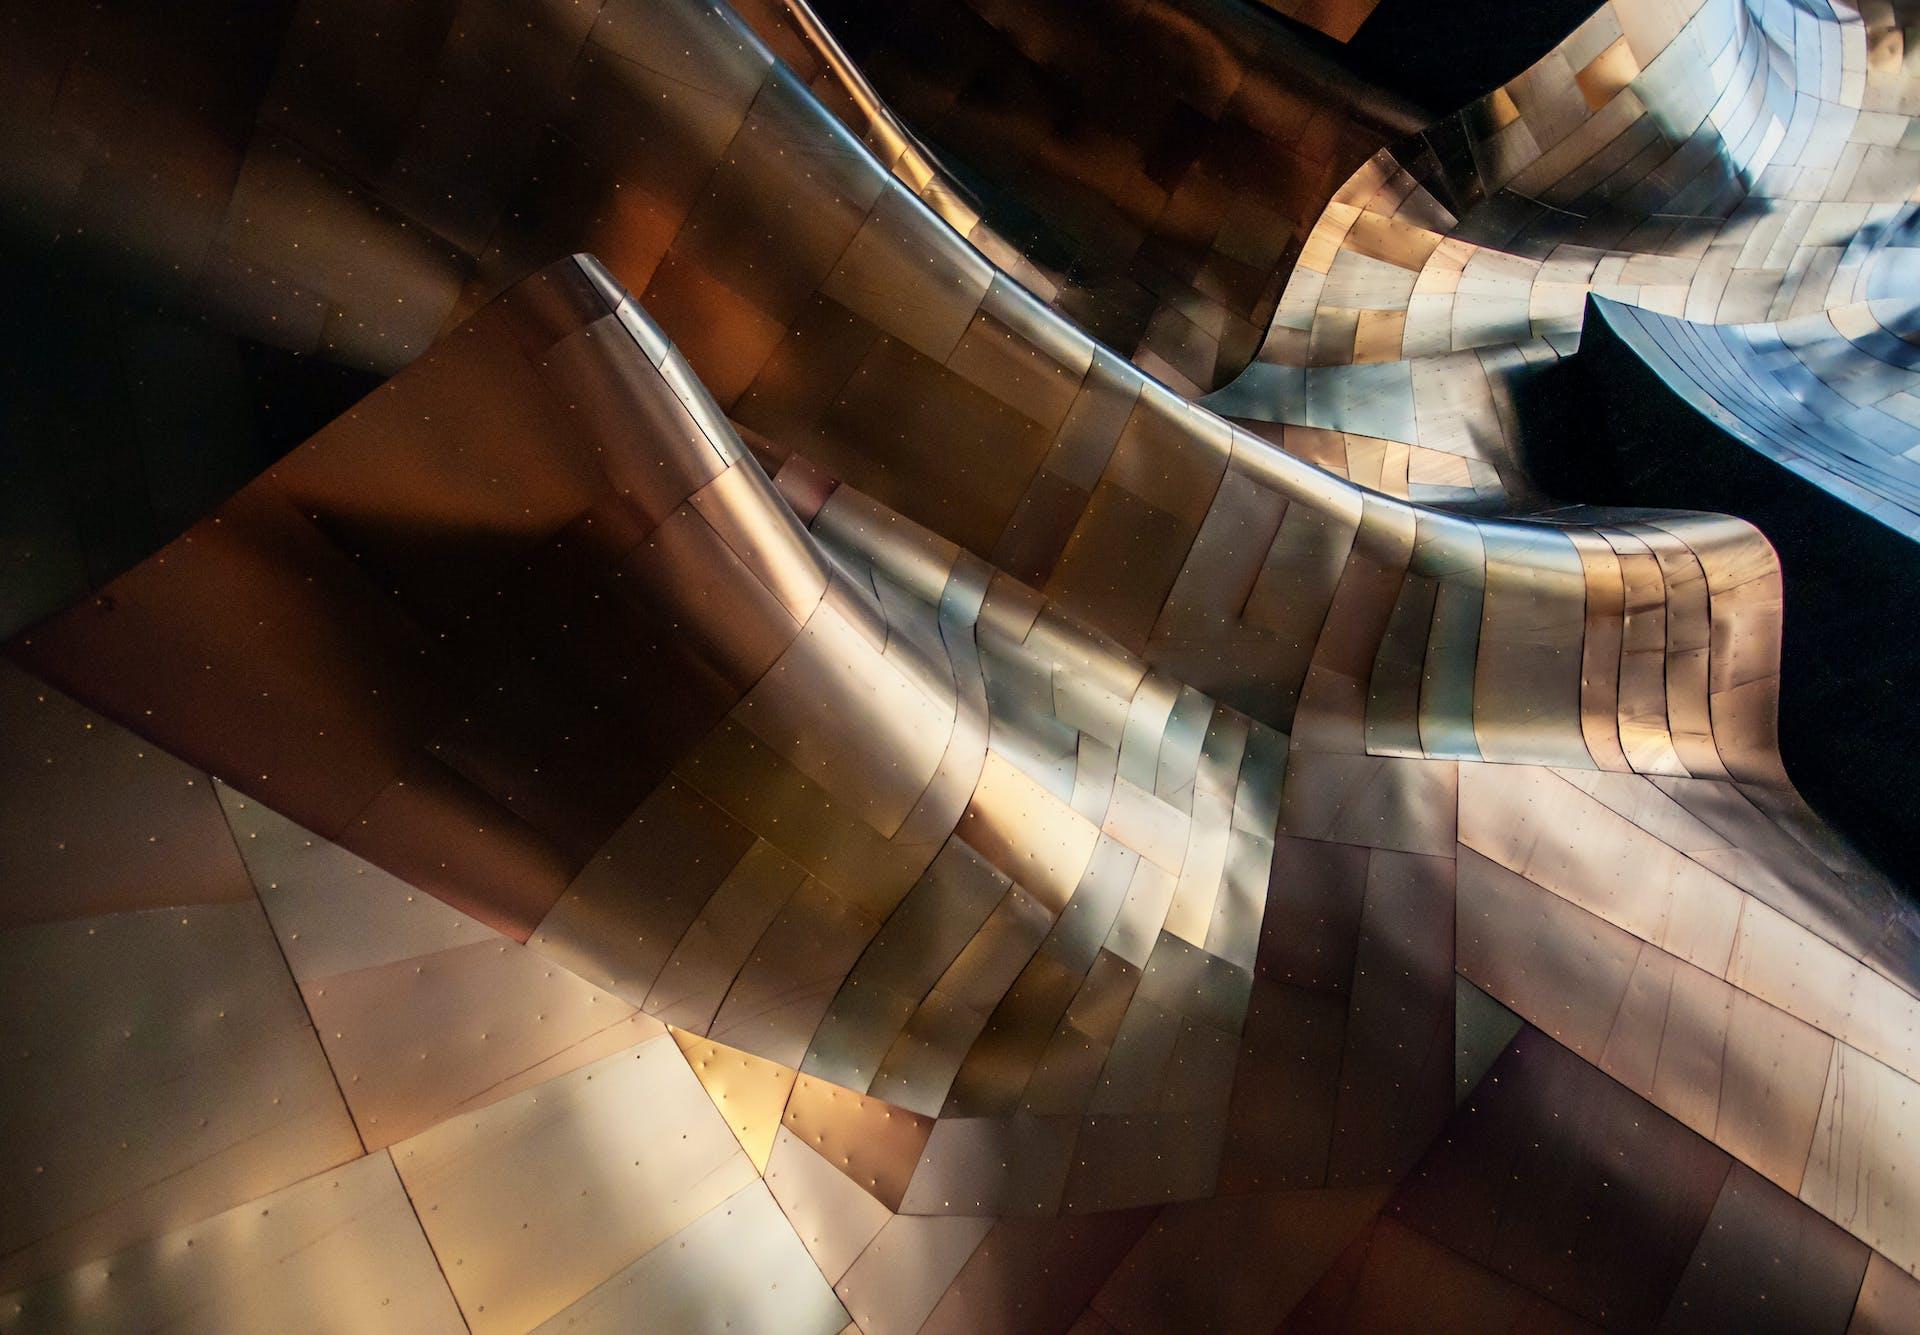 Arquitectura deconstructivista, cuando la forma sigue a la fantasía